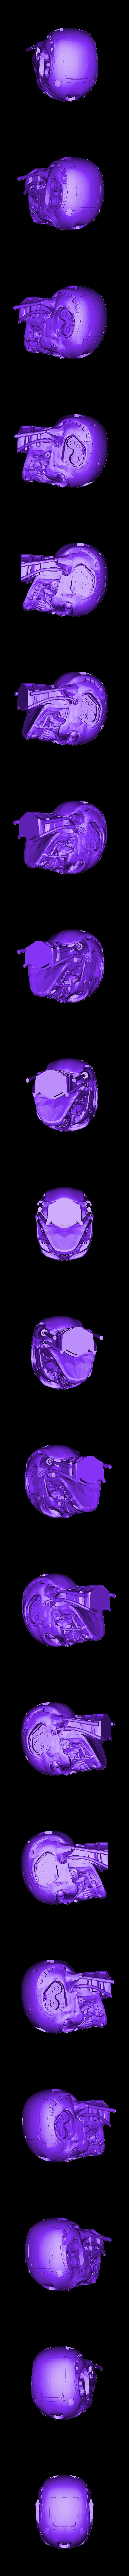 T-800_Exoskull_Final.stl Télécharger fichier STL gratuit T-800 crâne de soutien de soutien ruine de la ville • Plan à imprimer en 3D, Mathorethan